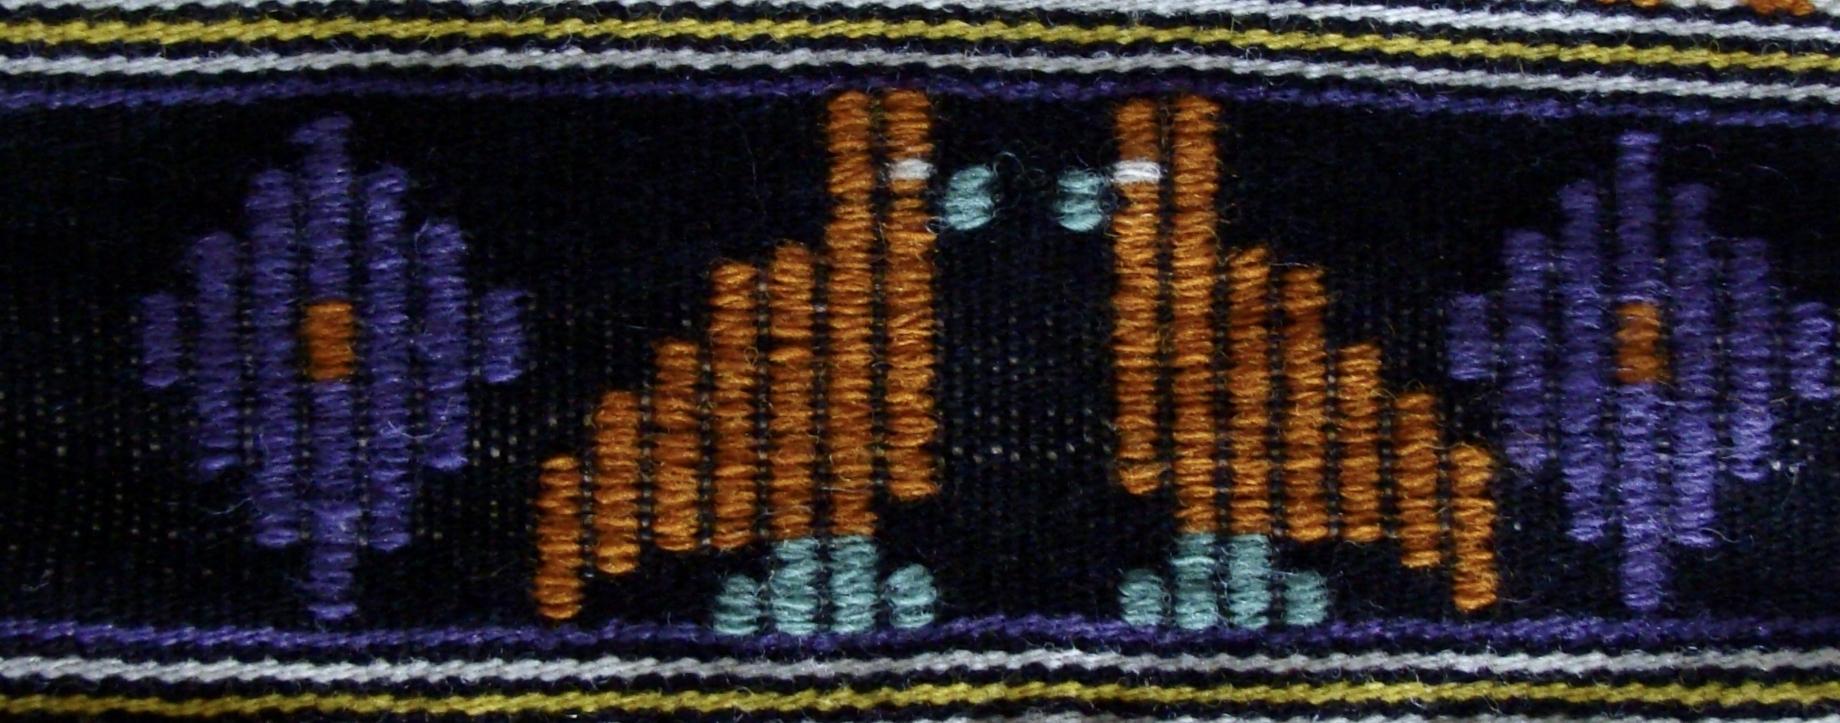 Dukagâng Swedish Art Weave Technique